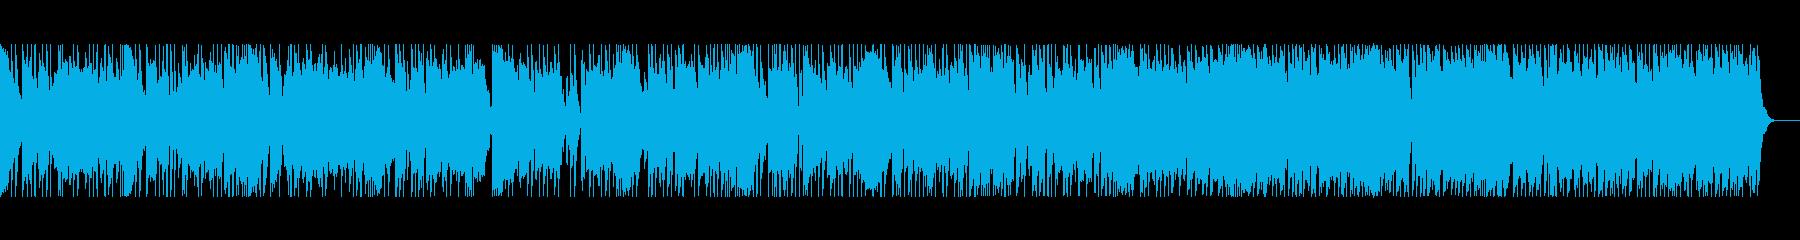 クールな雰囲気のロックの再生済みの波形